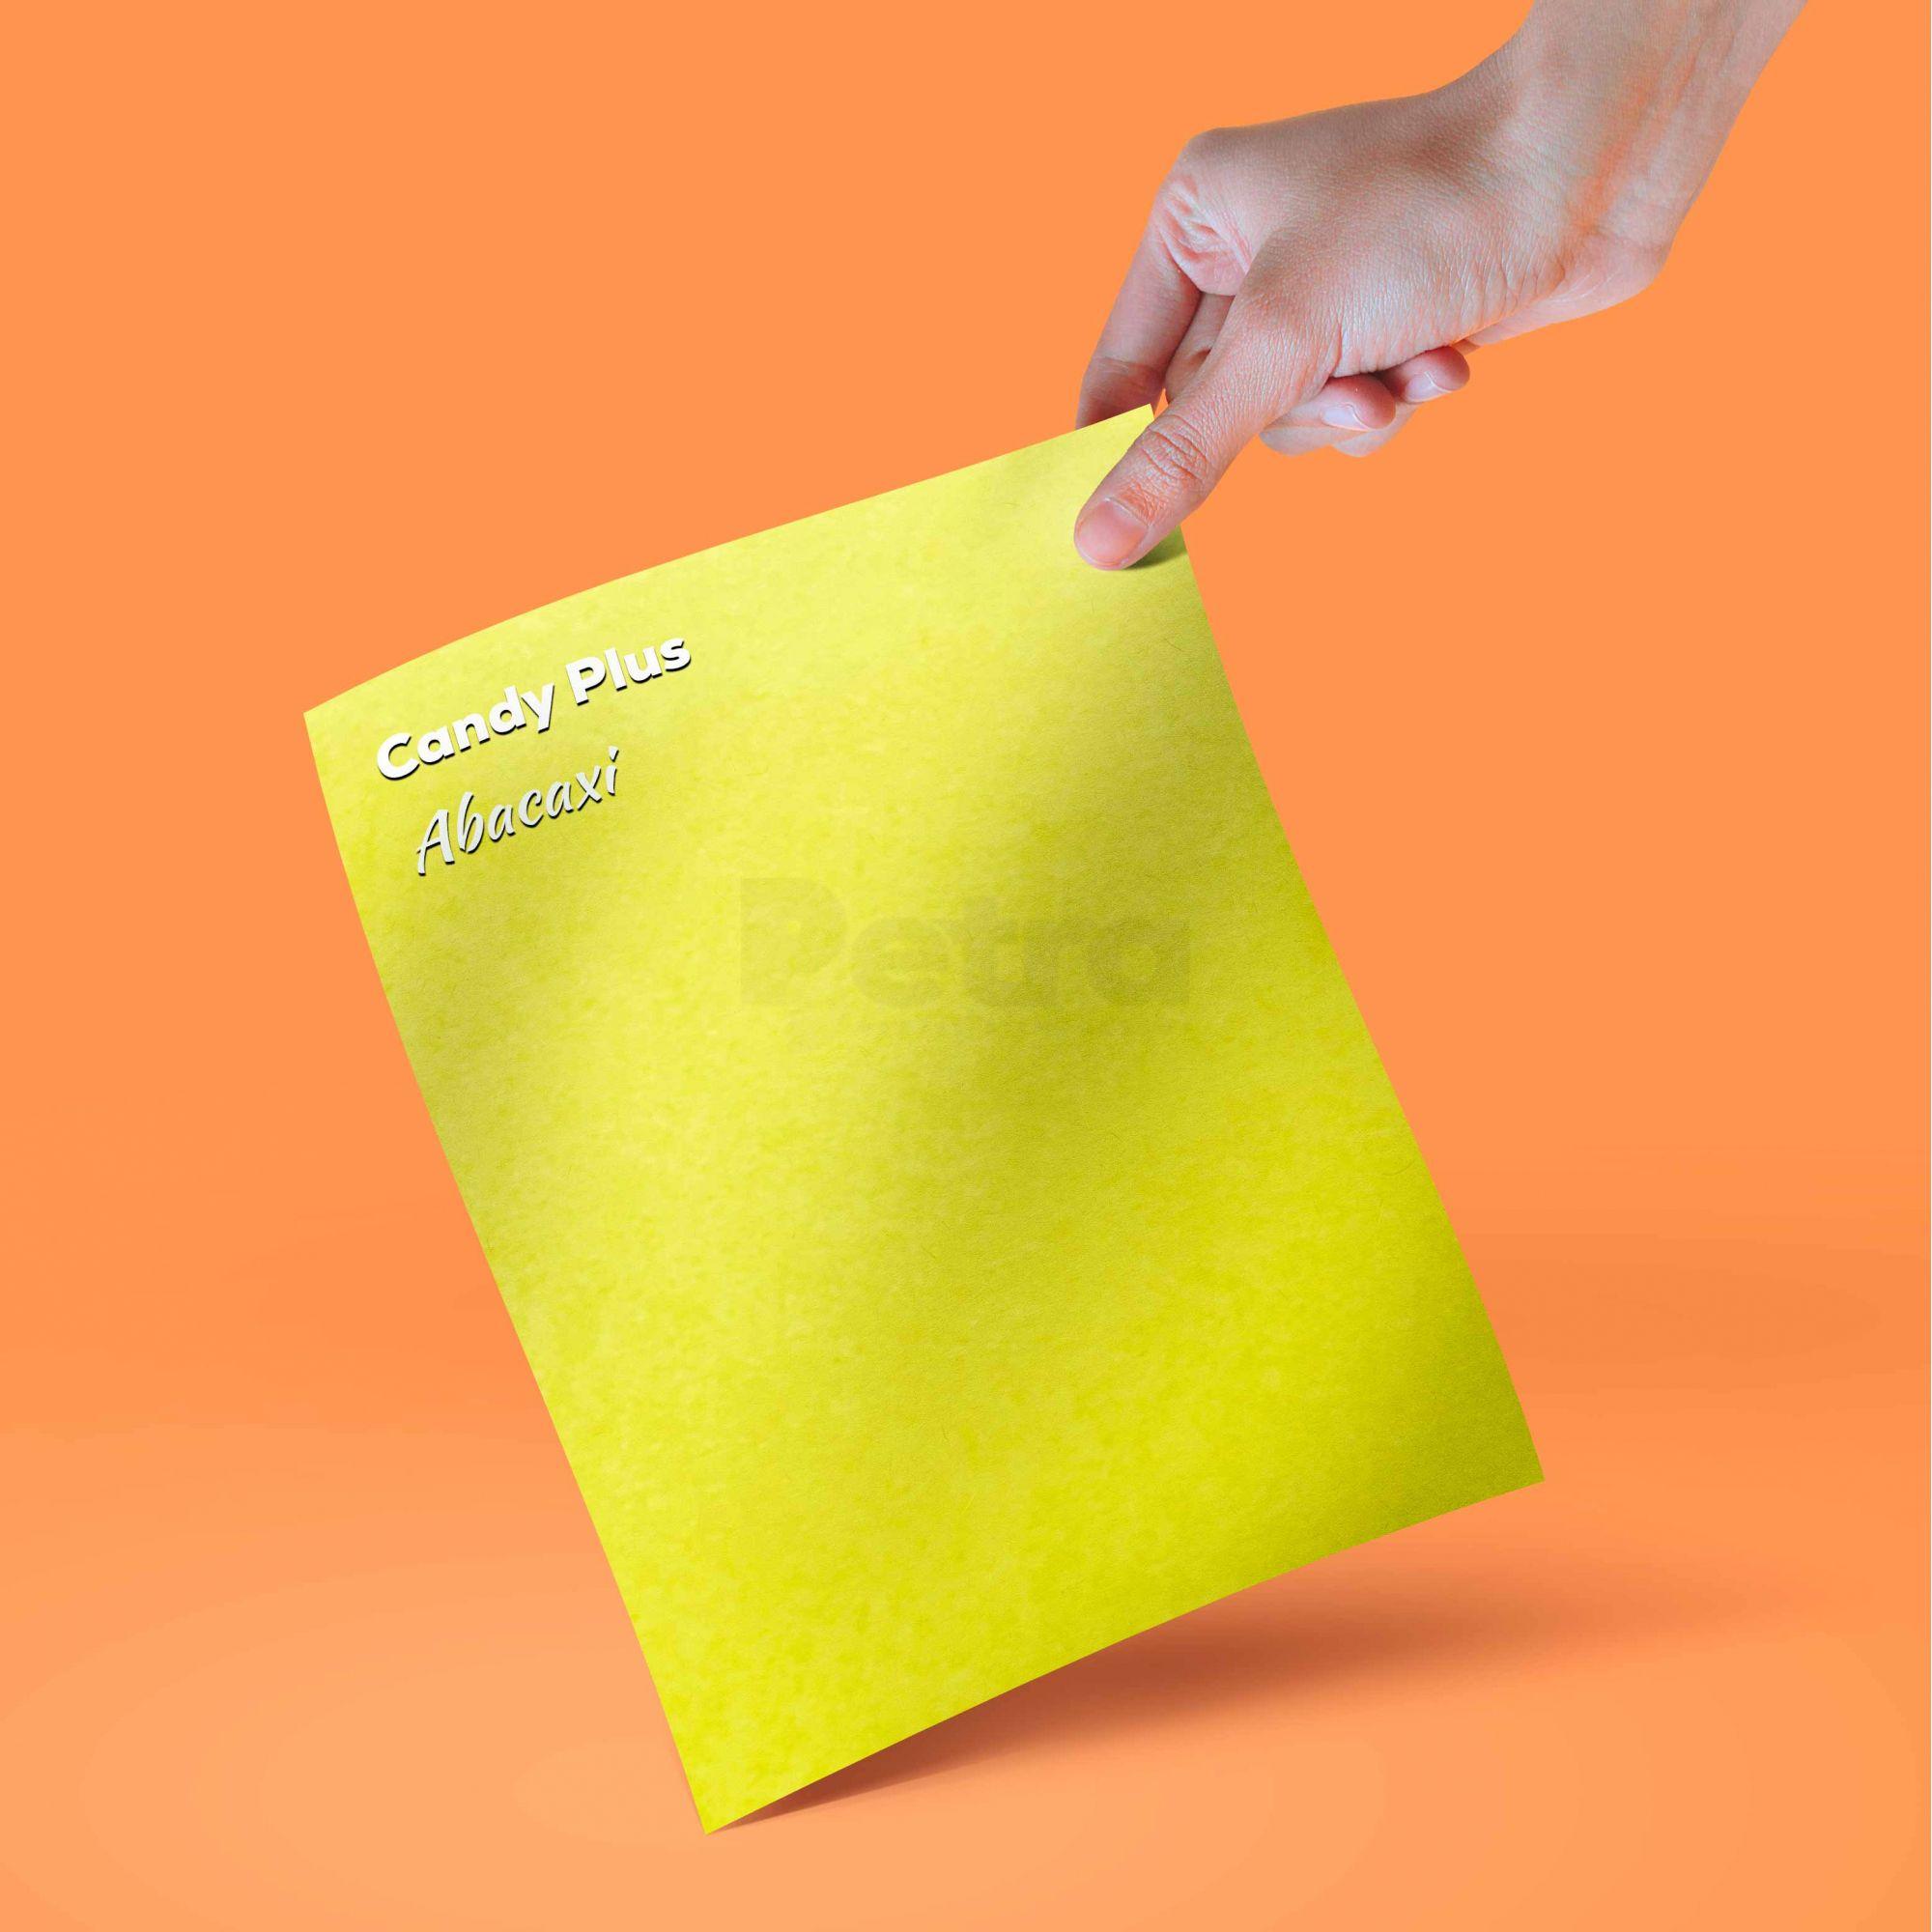 Candy Plus - Abacaxi - Amarelo  - Tam. A3 - 180g/m² - 20 folhas